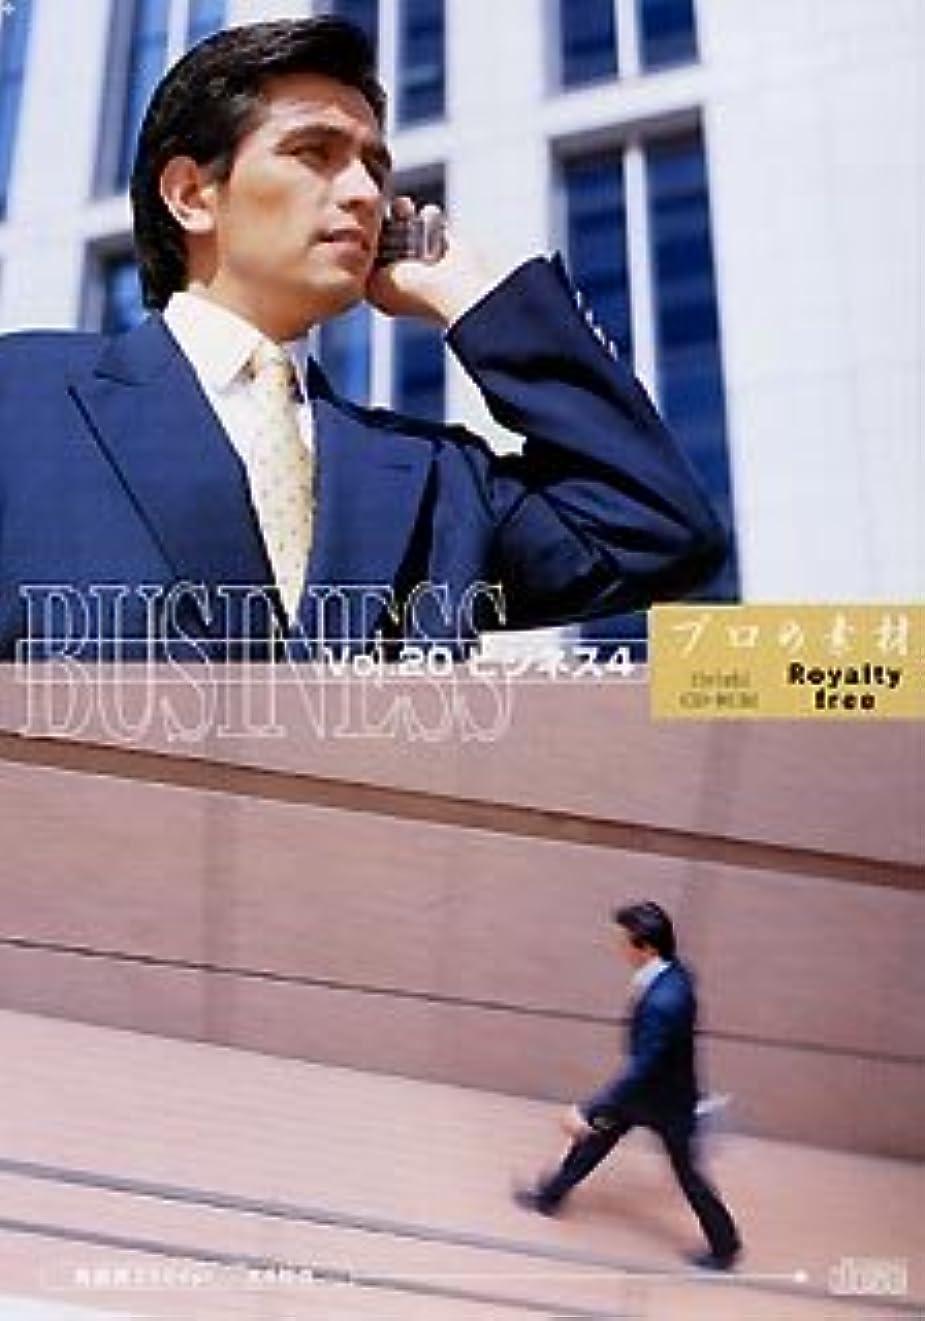 アラバマ平らにする顎プロの素材 Vol.20 ビジネス 4